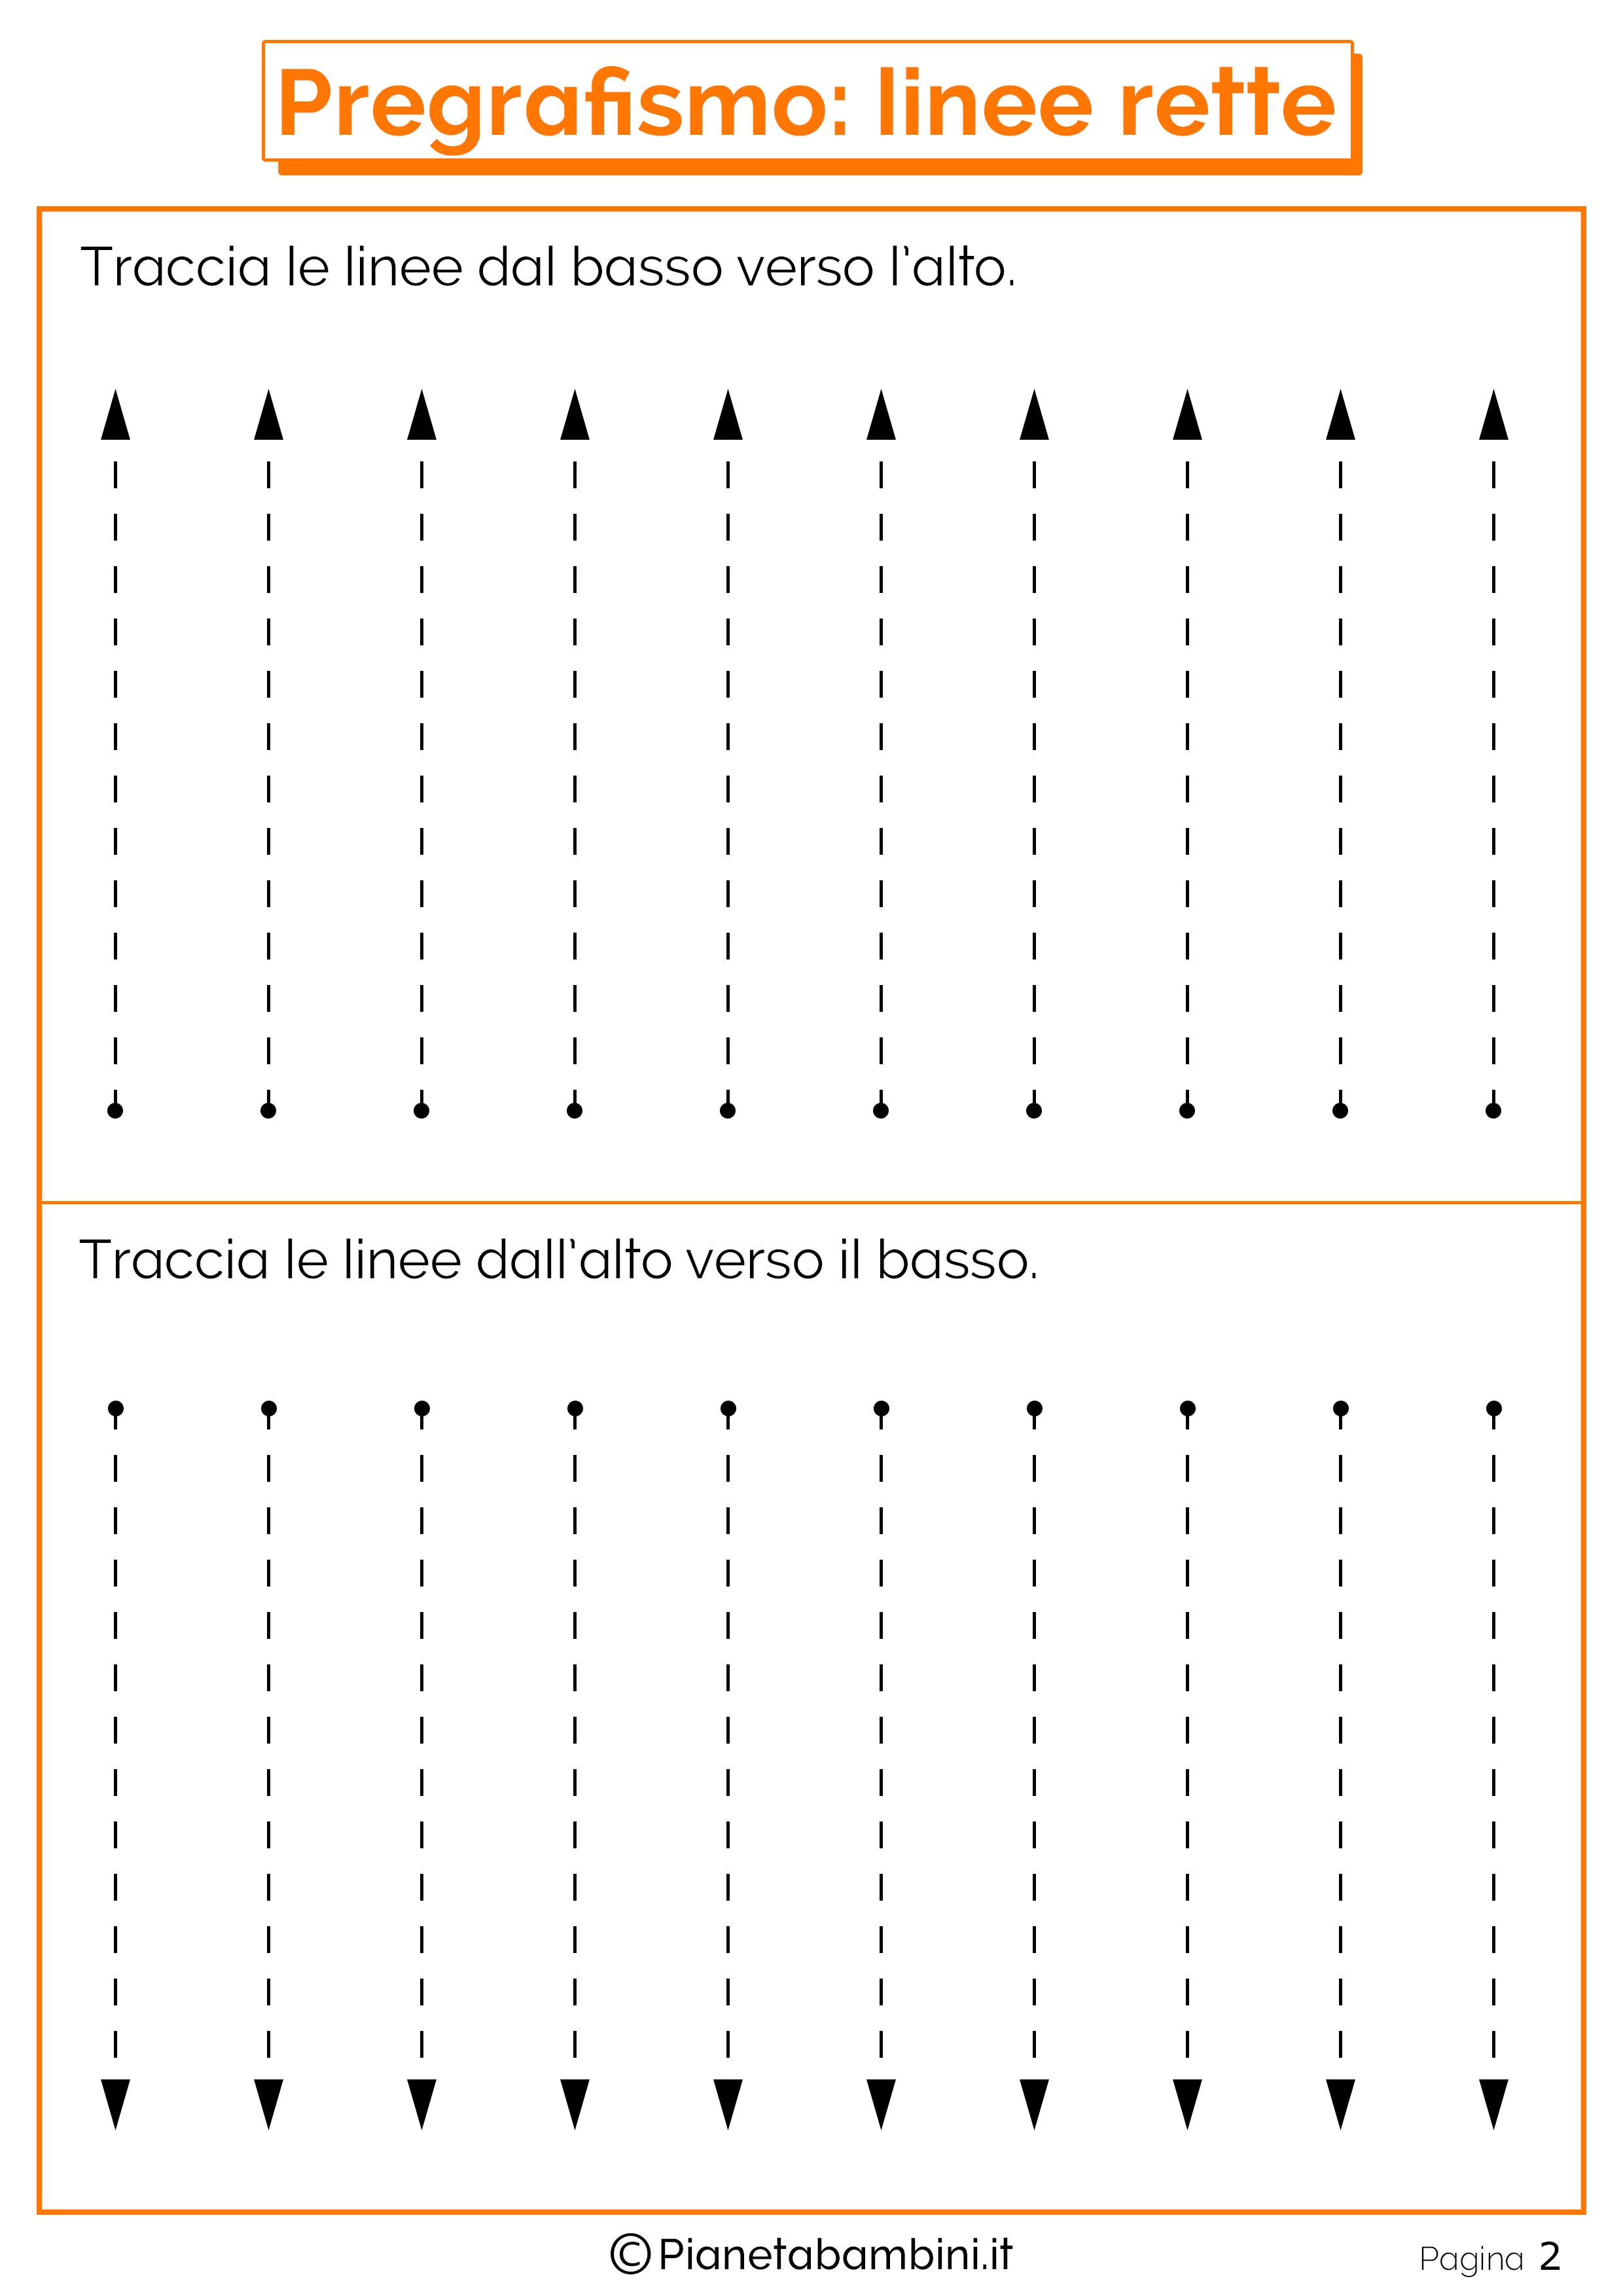 Eccezionale Schede di Pregrafismo di Percorsi con Linee Rette e Curve  CM93